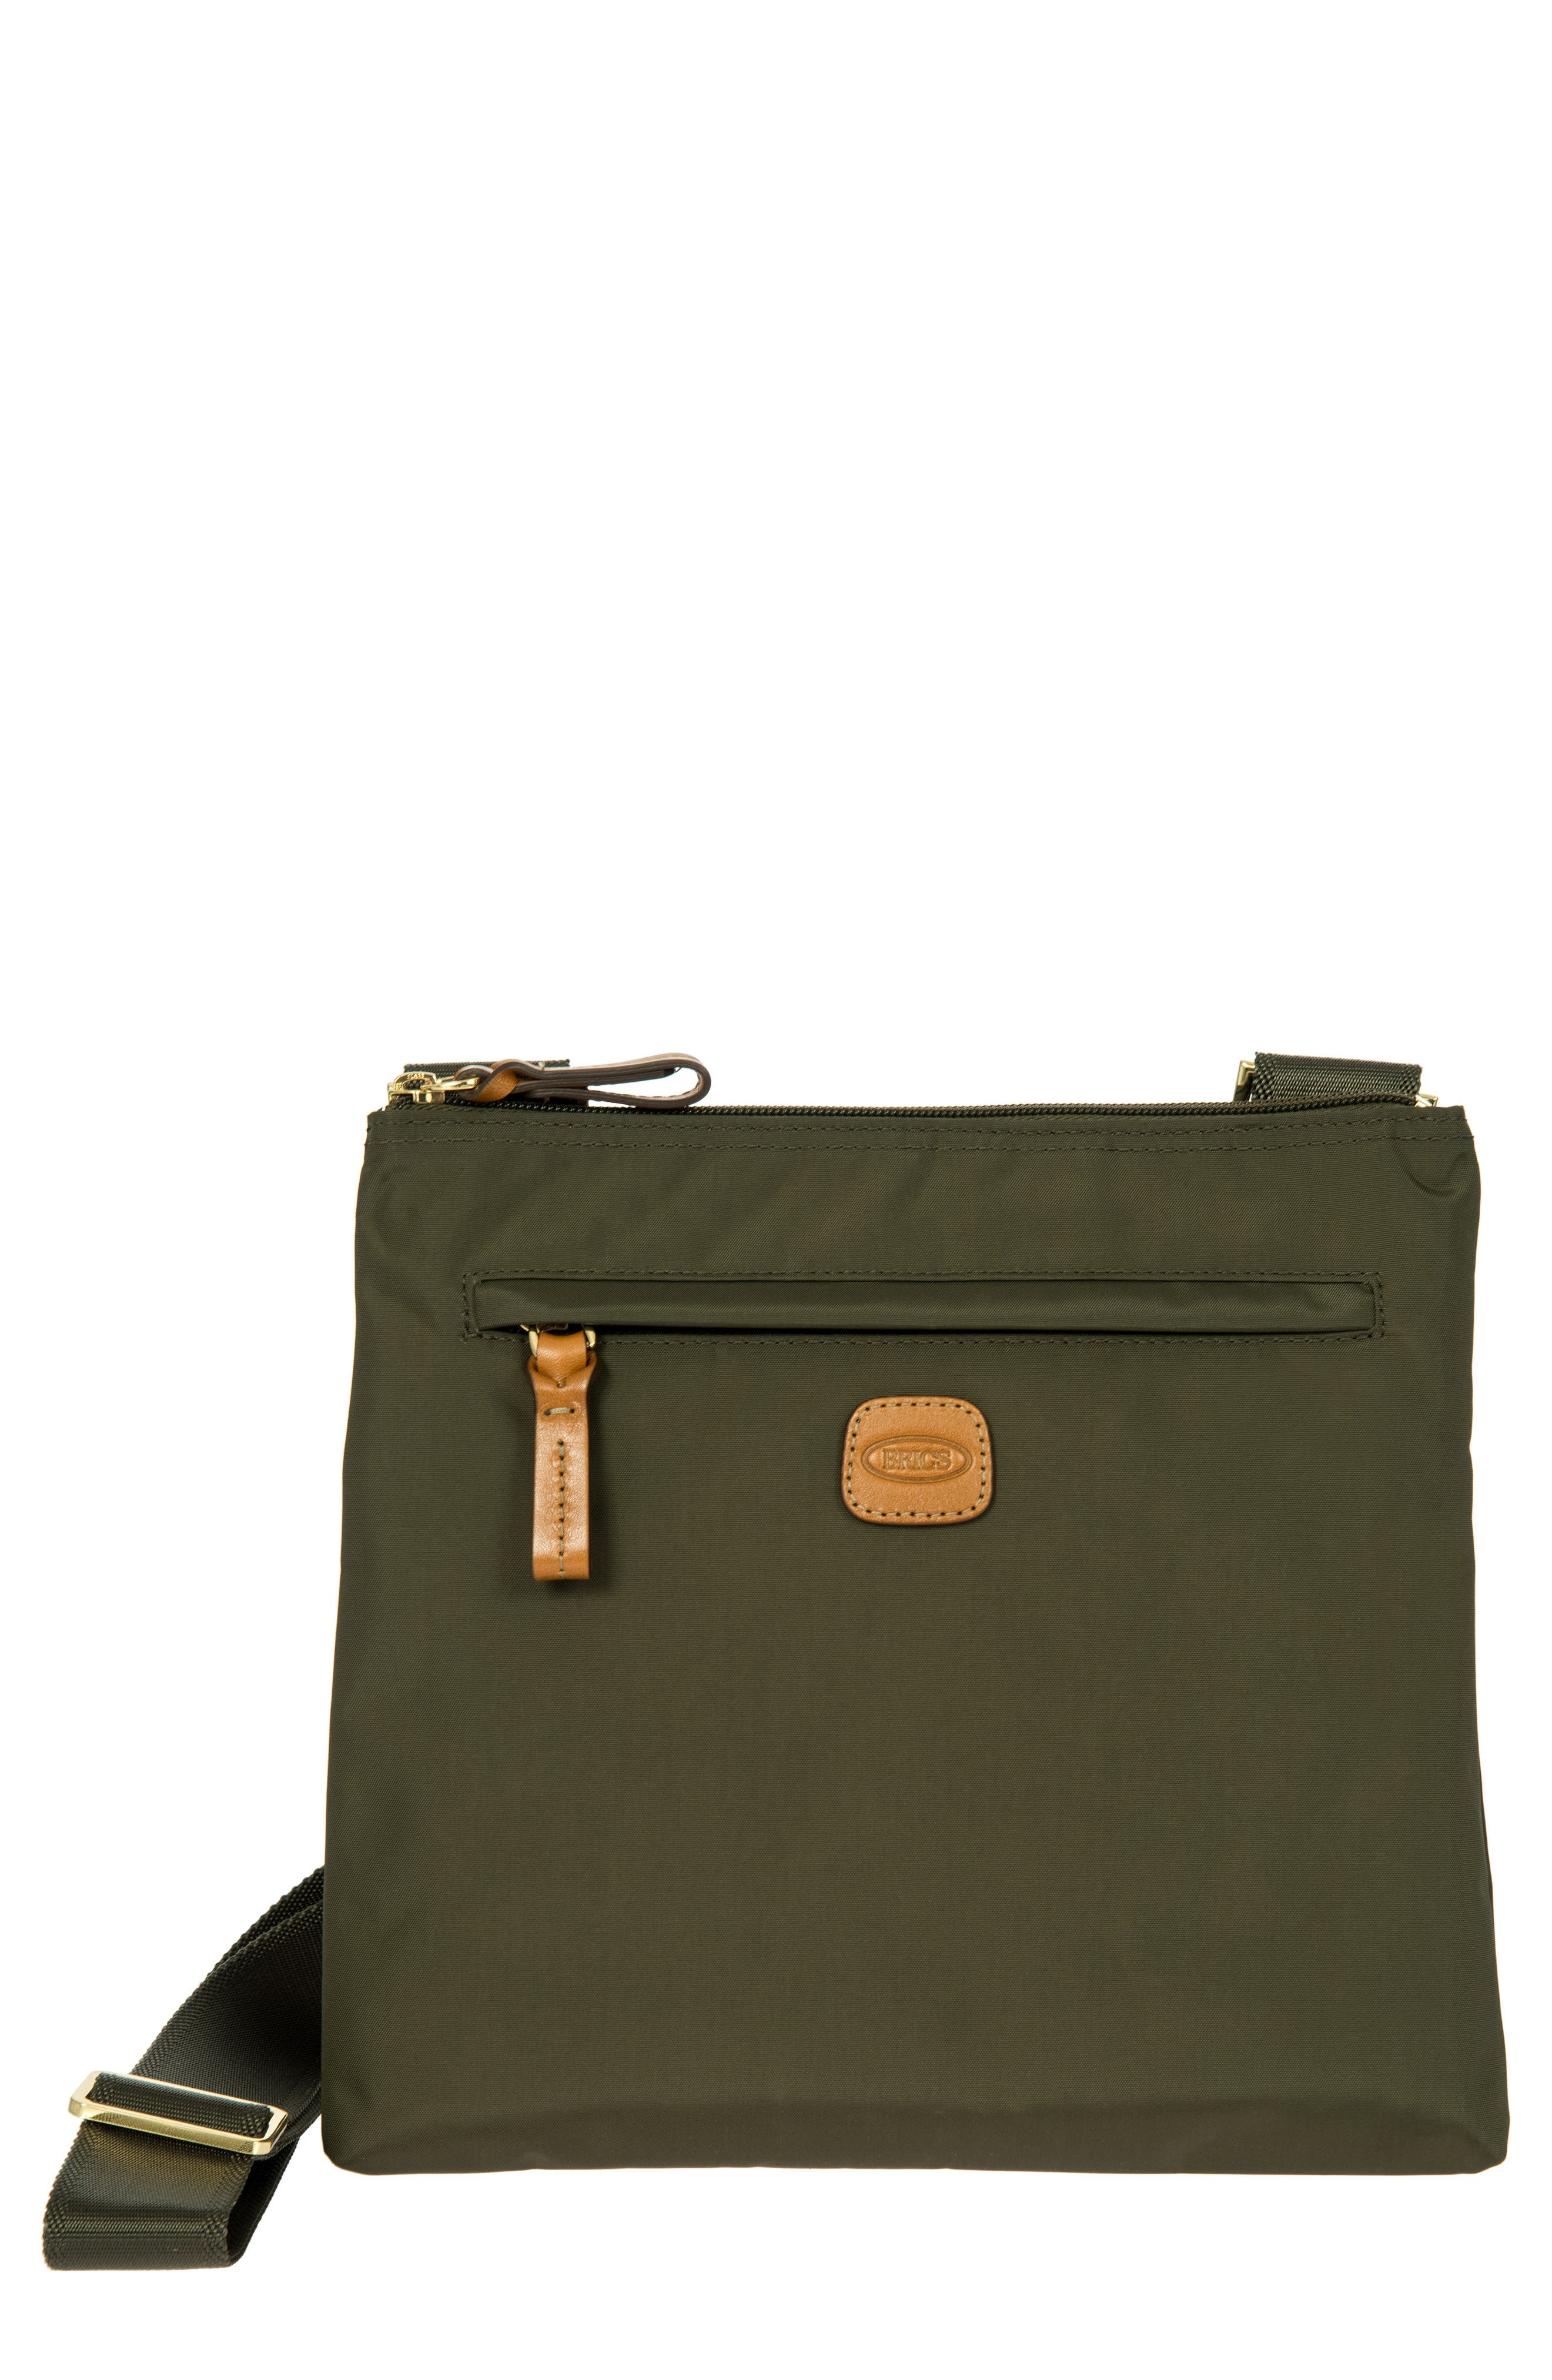 Alternate Image 1 Selected - Bric's X-Bag Urban Crossbody Bag